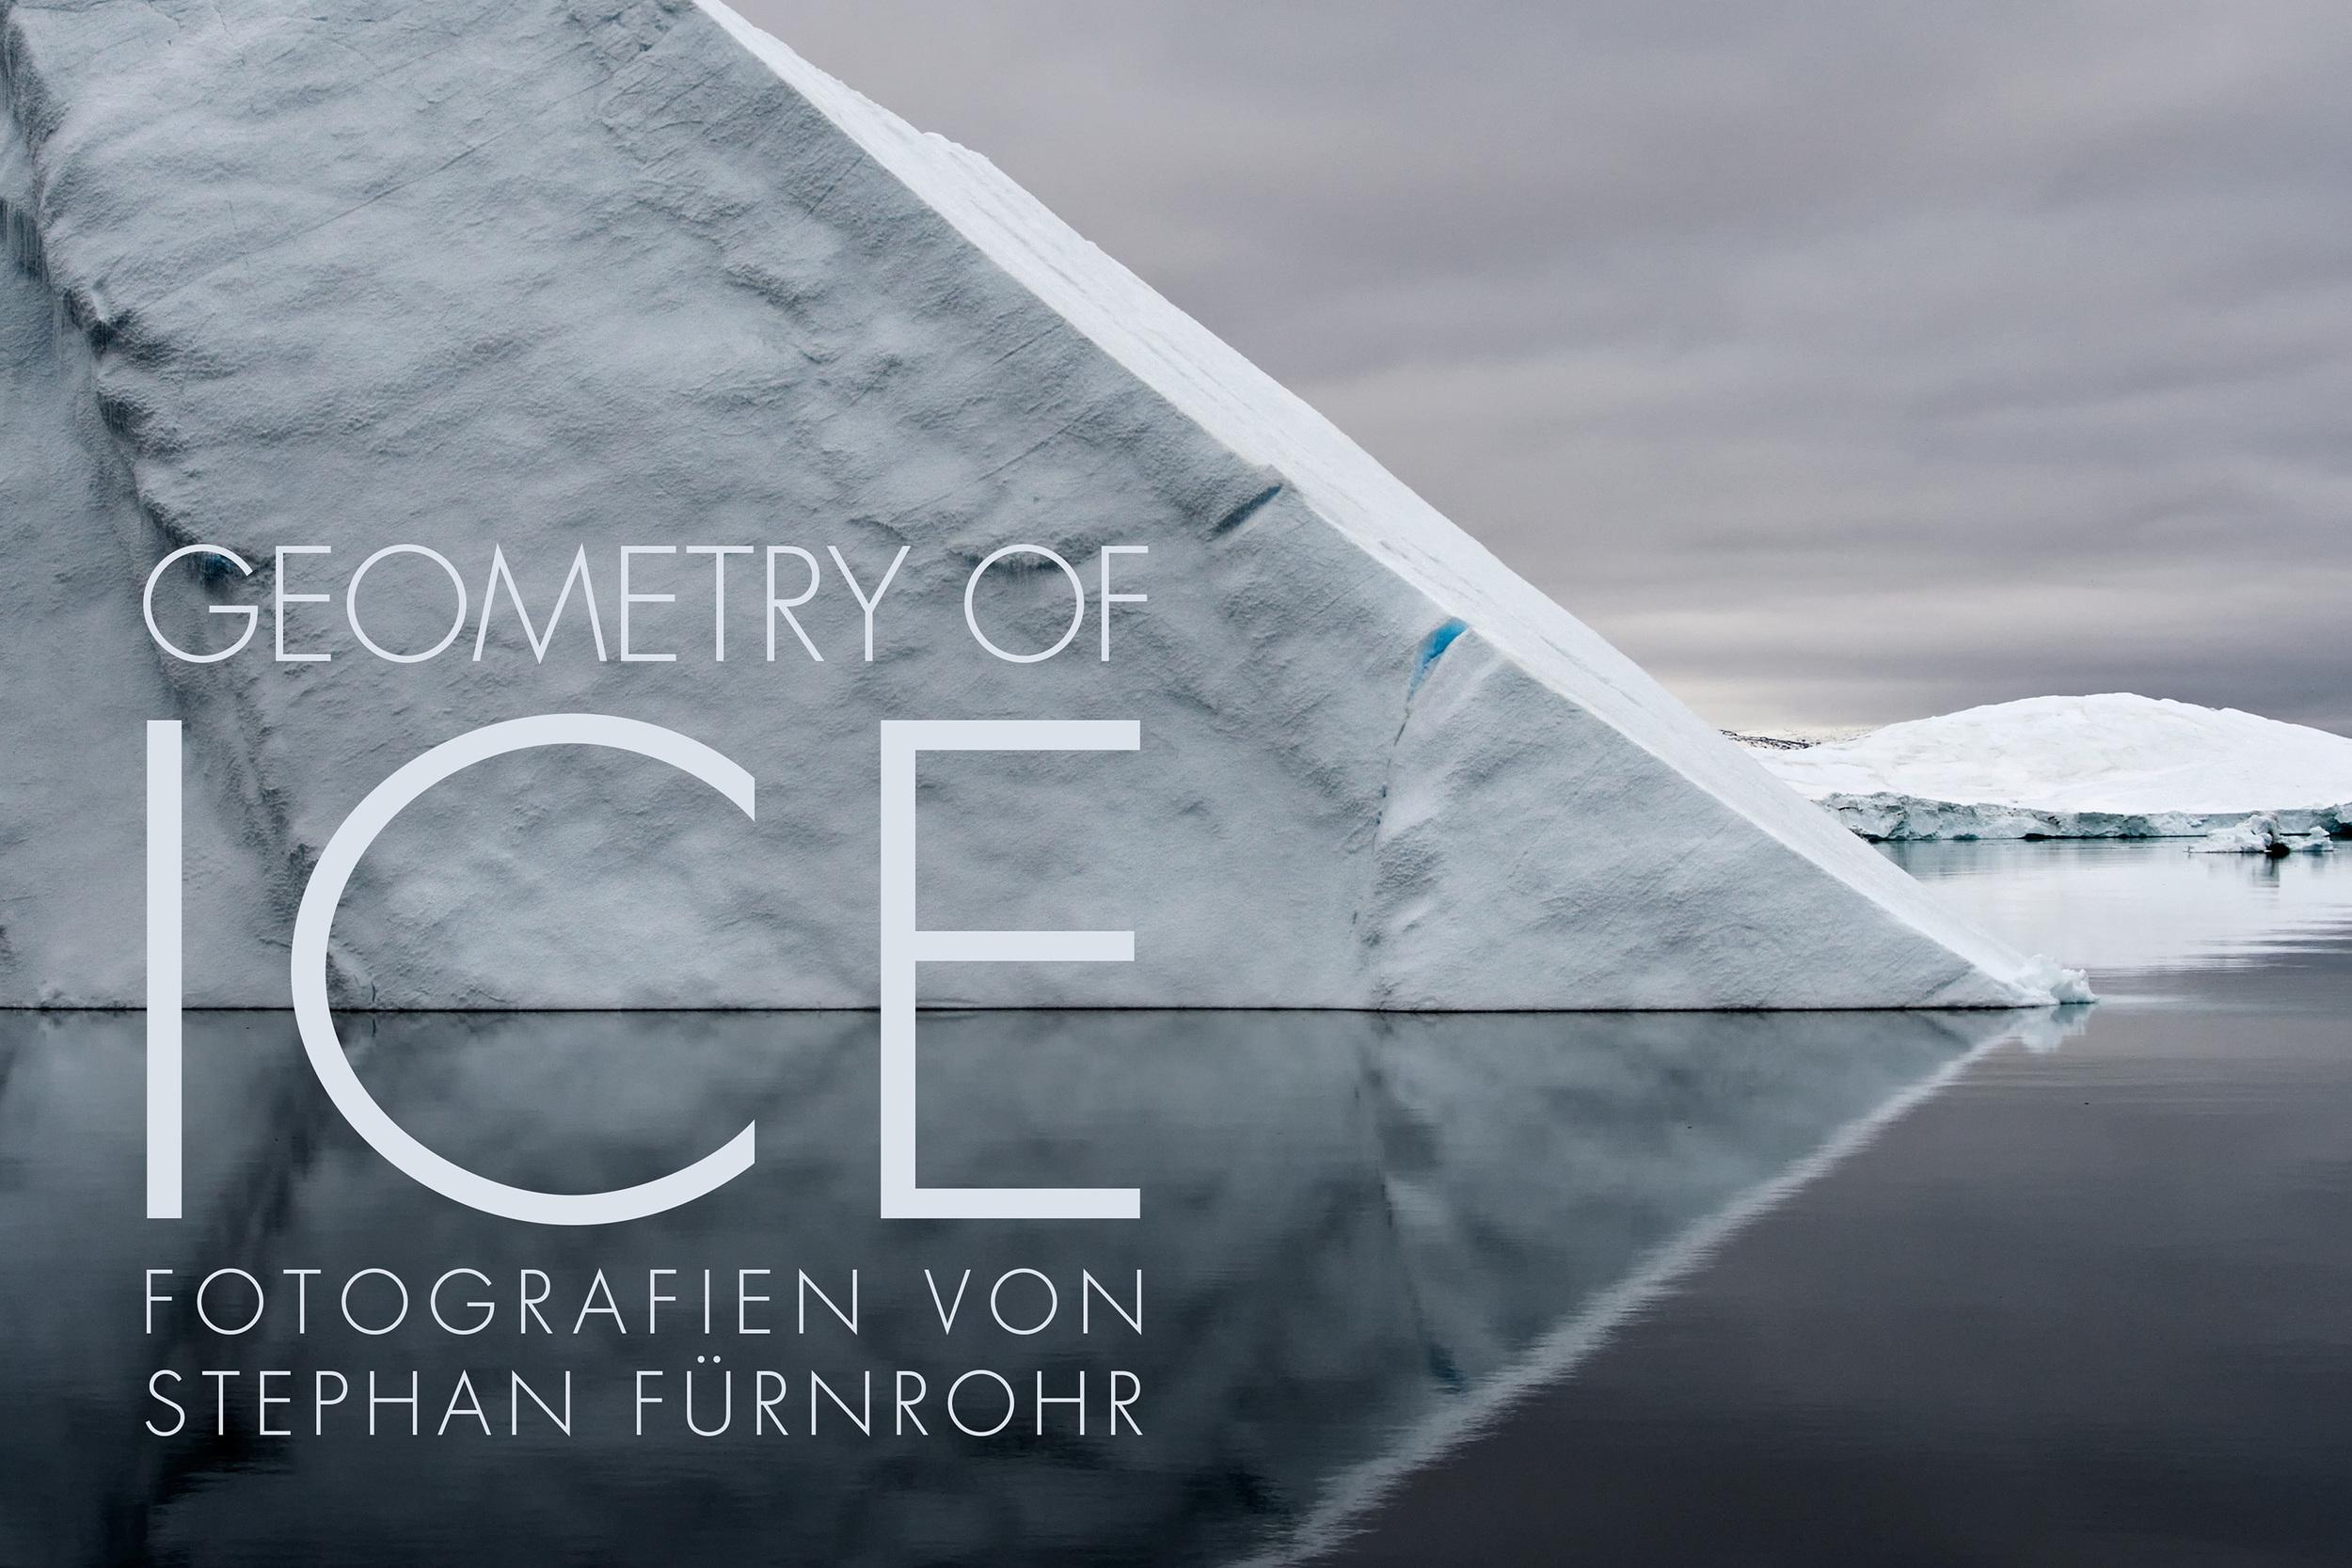 Geometry-of-Ice_kl.jpg